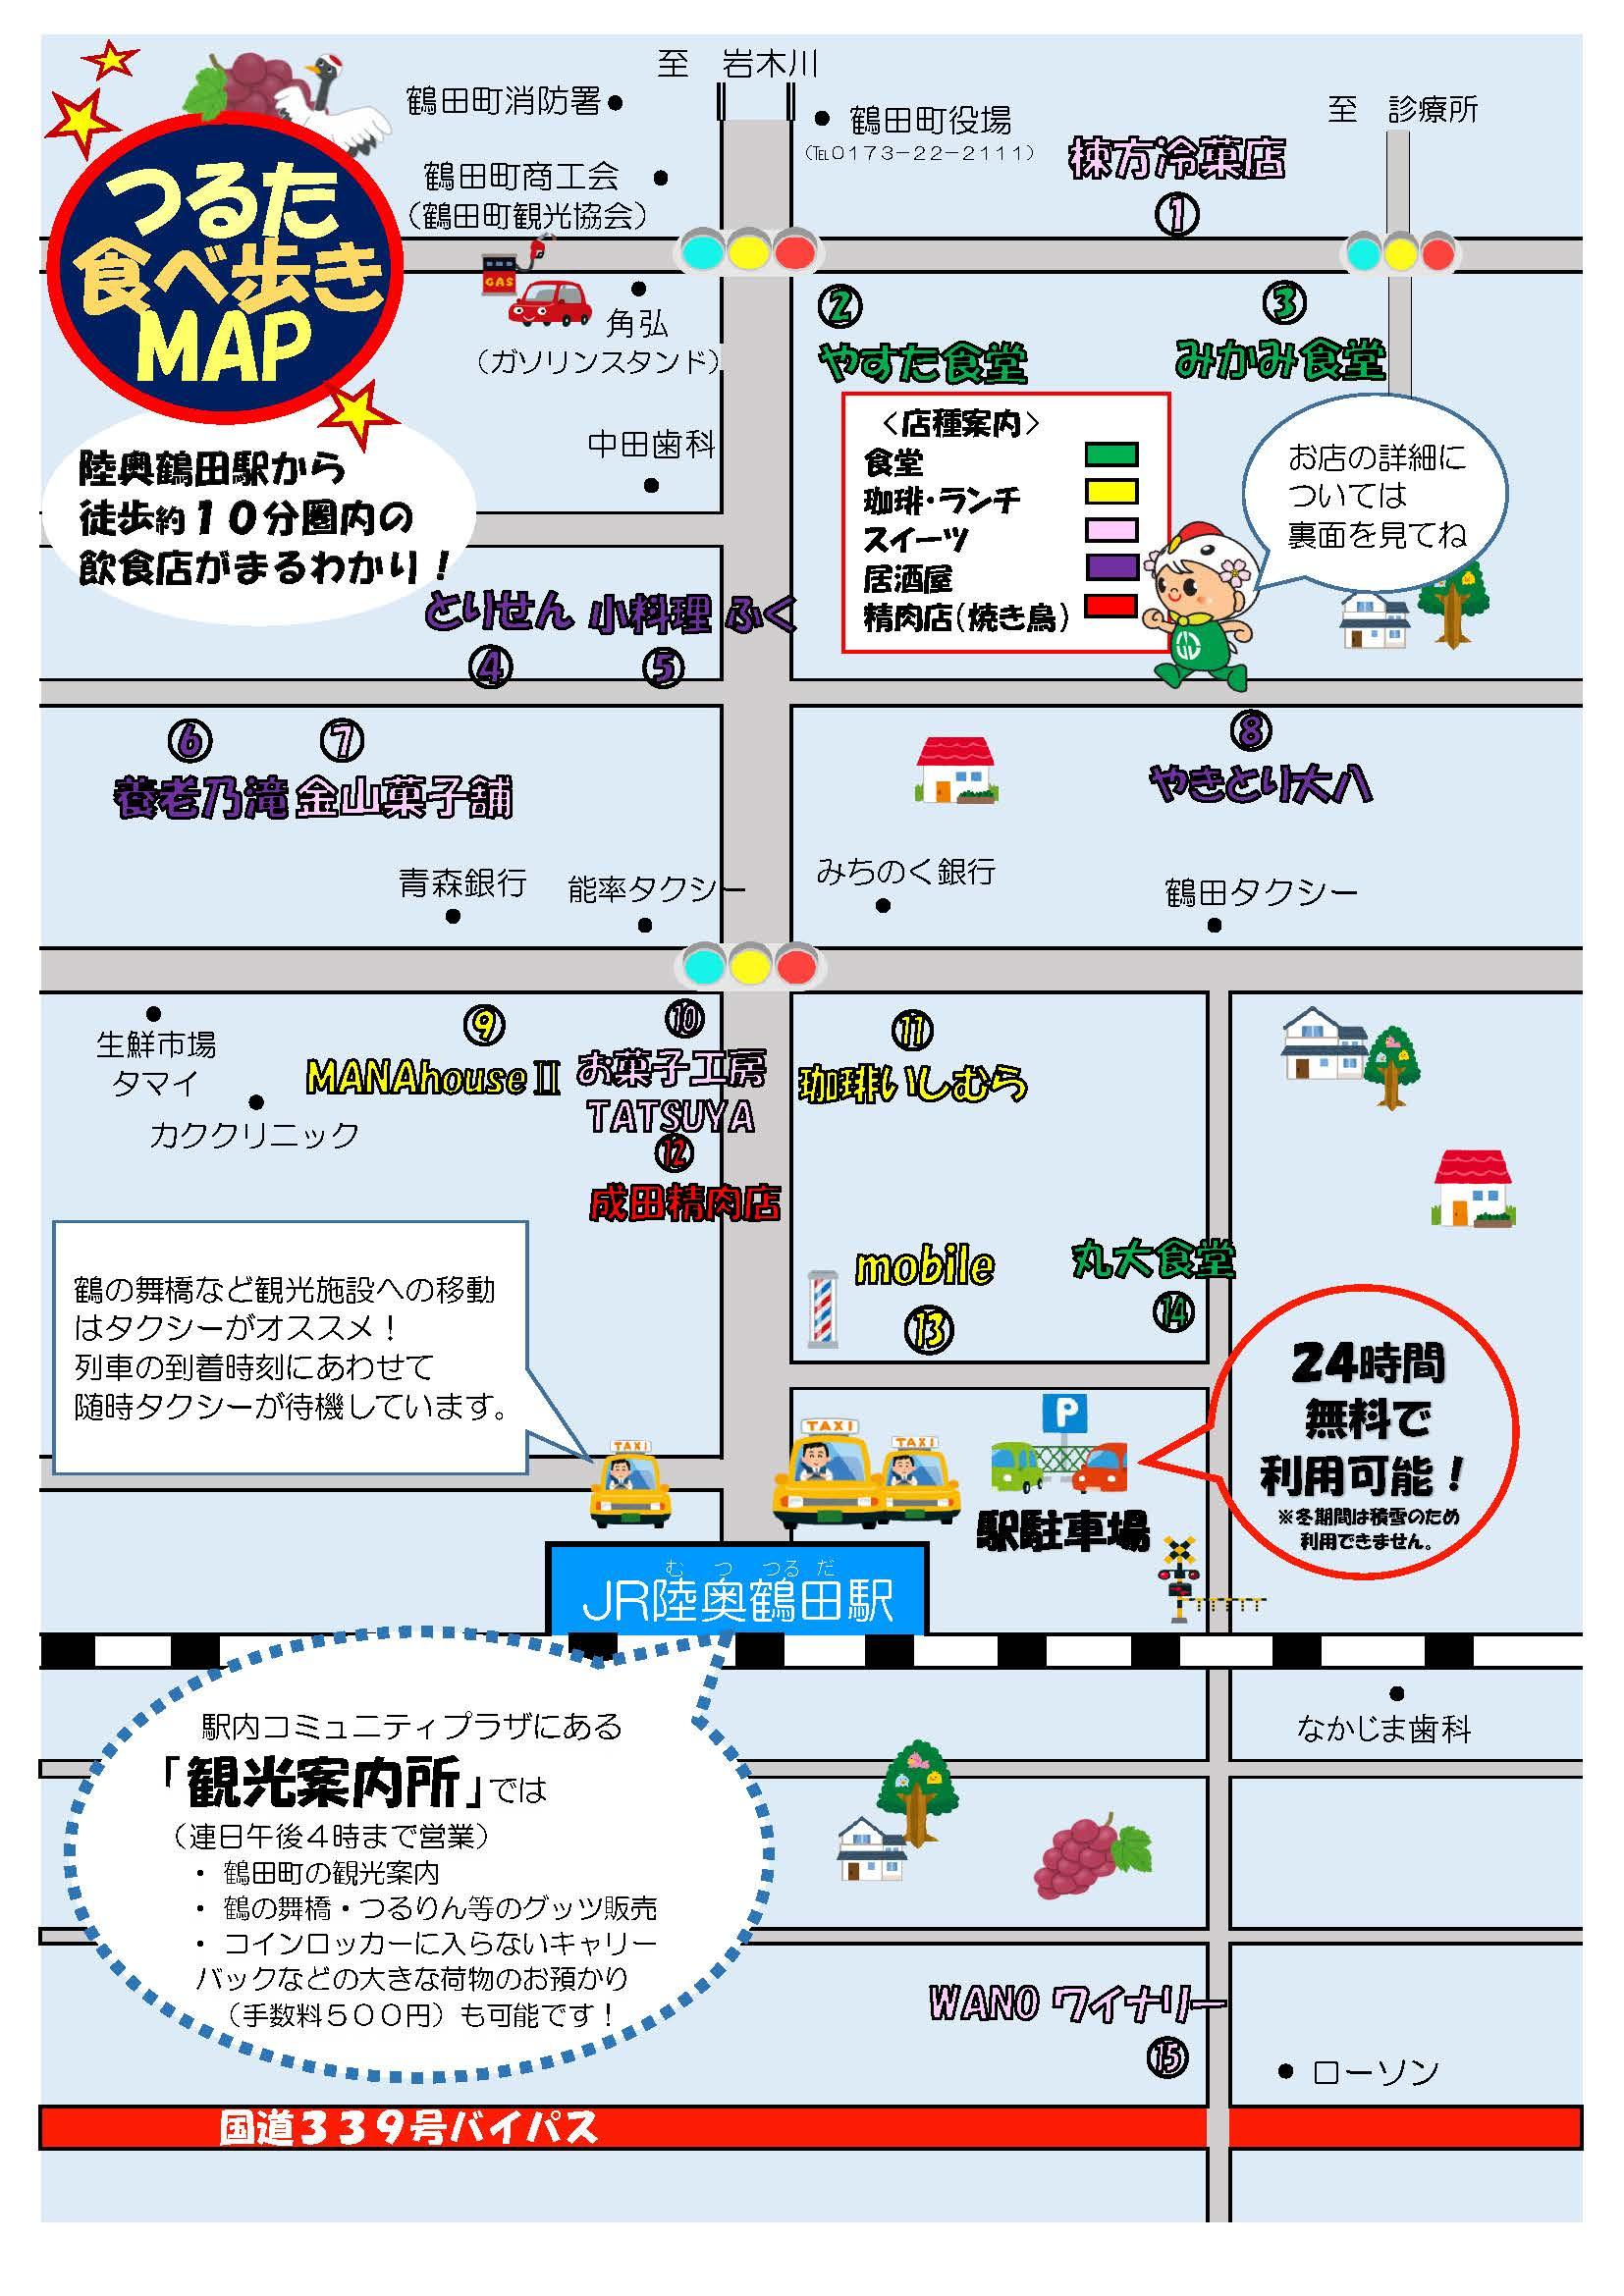 メデタイ・ツルタ-青森県鶴田町観光ウェブマガジン